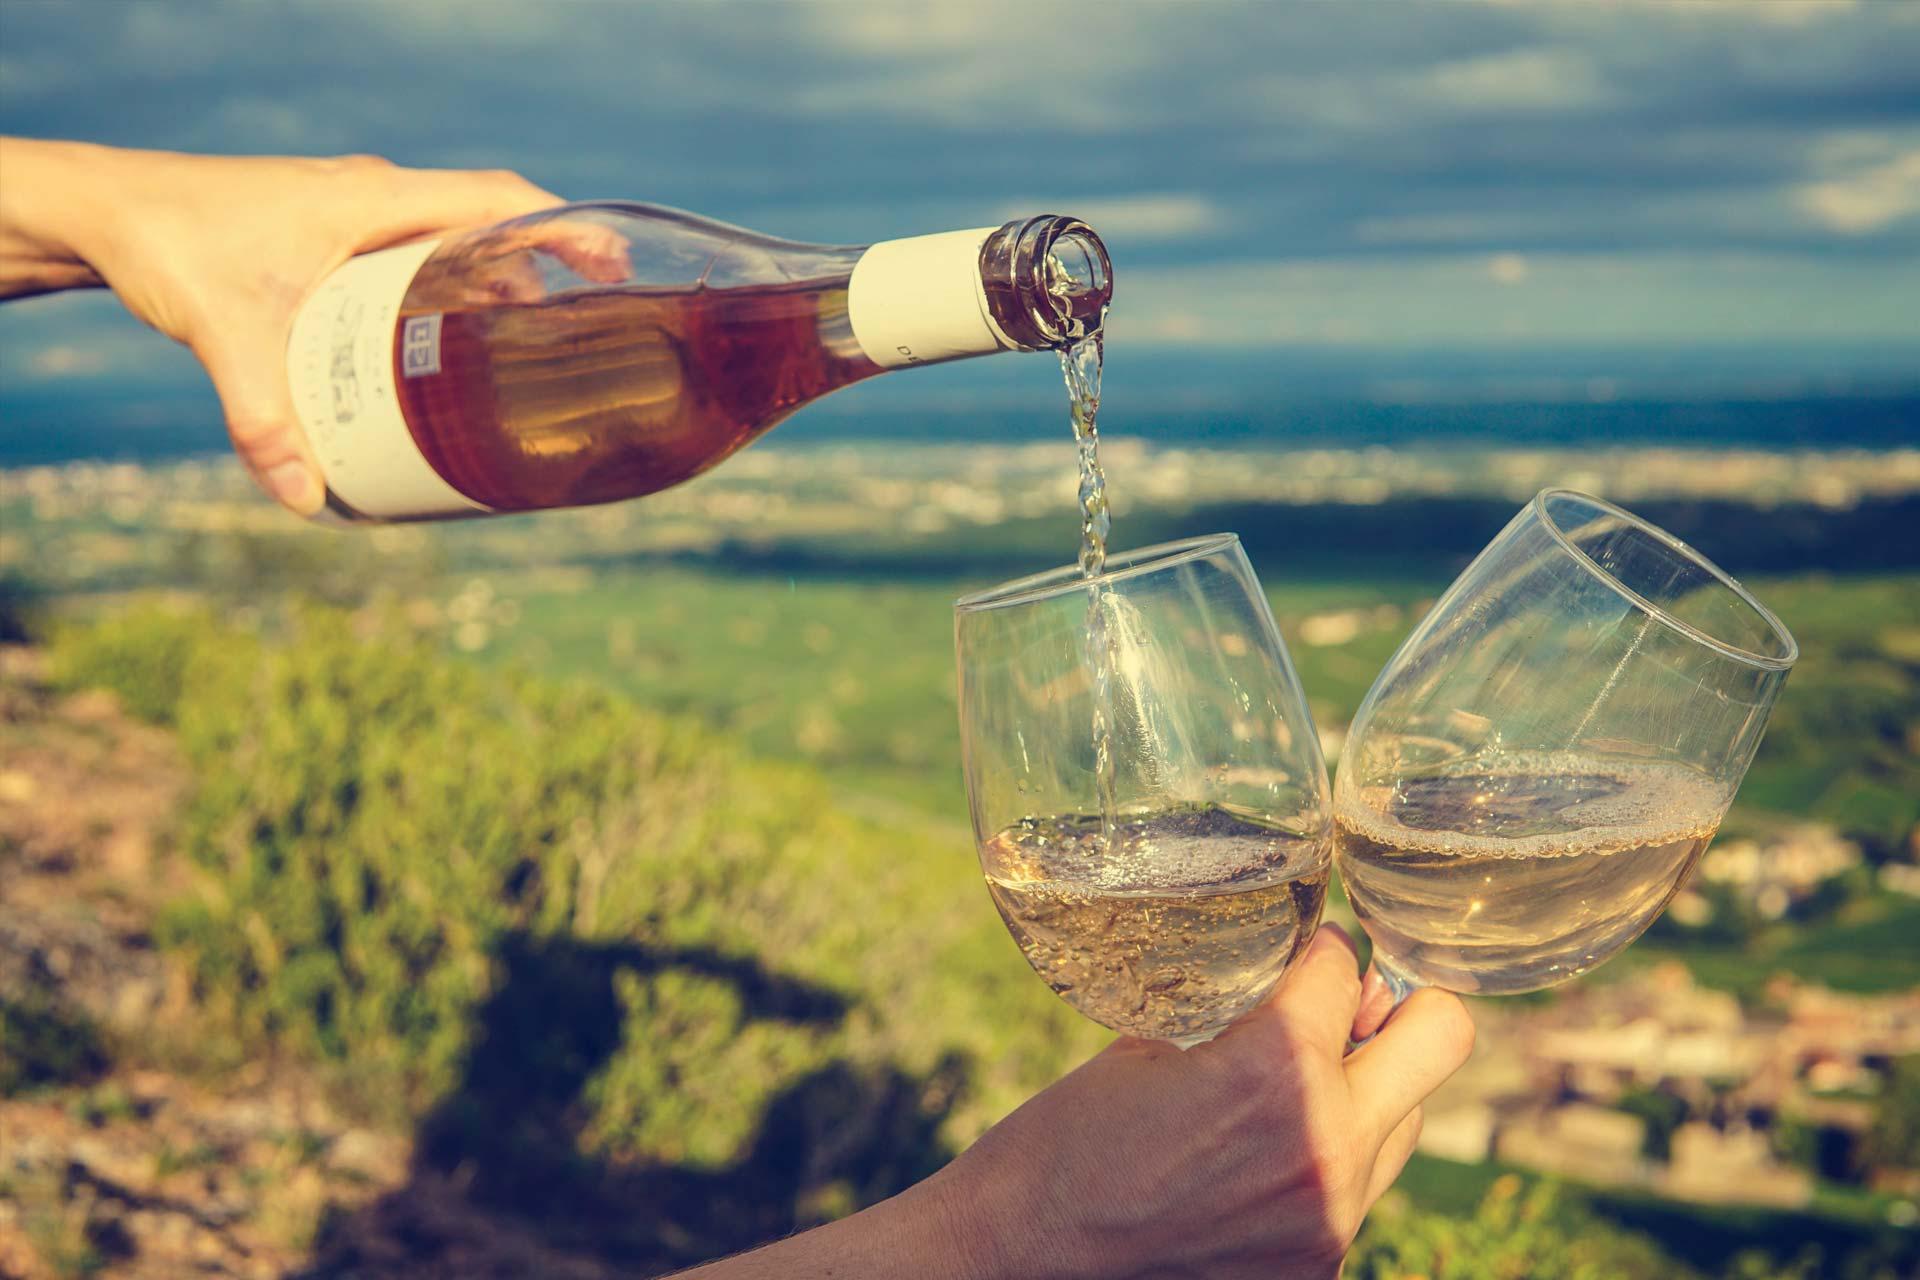 venta vinos cádiz al sur gourmet el puerto santa maría